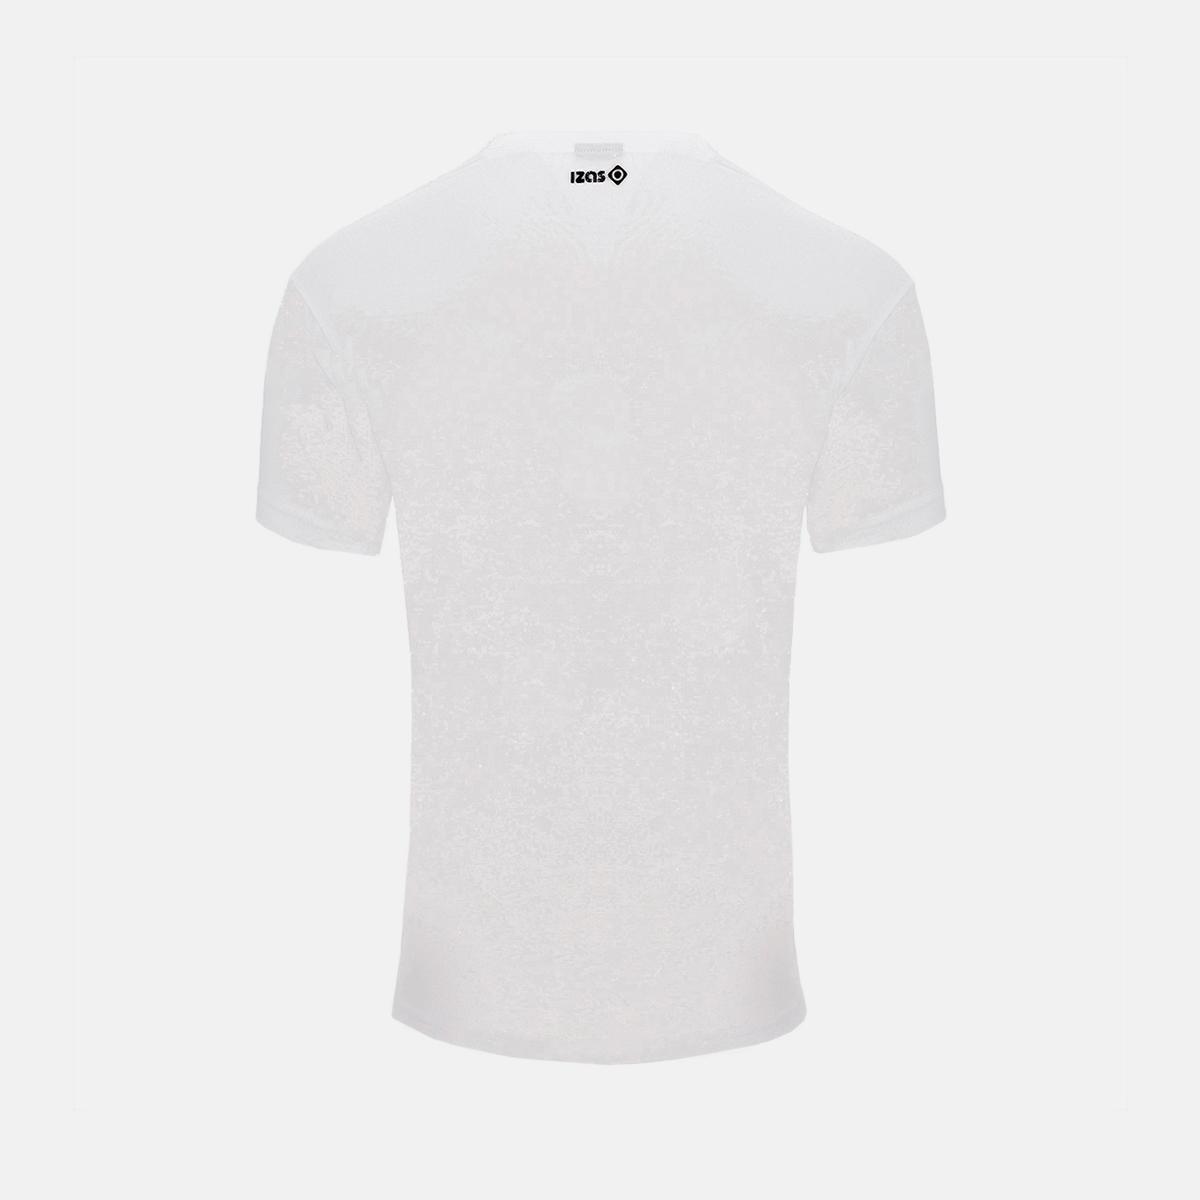 MAN'S AVERY T-SHIRT WHITE